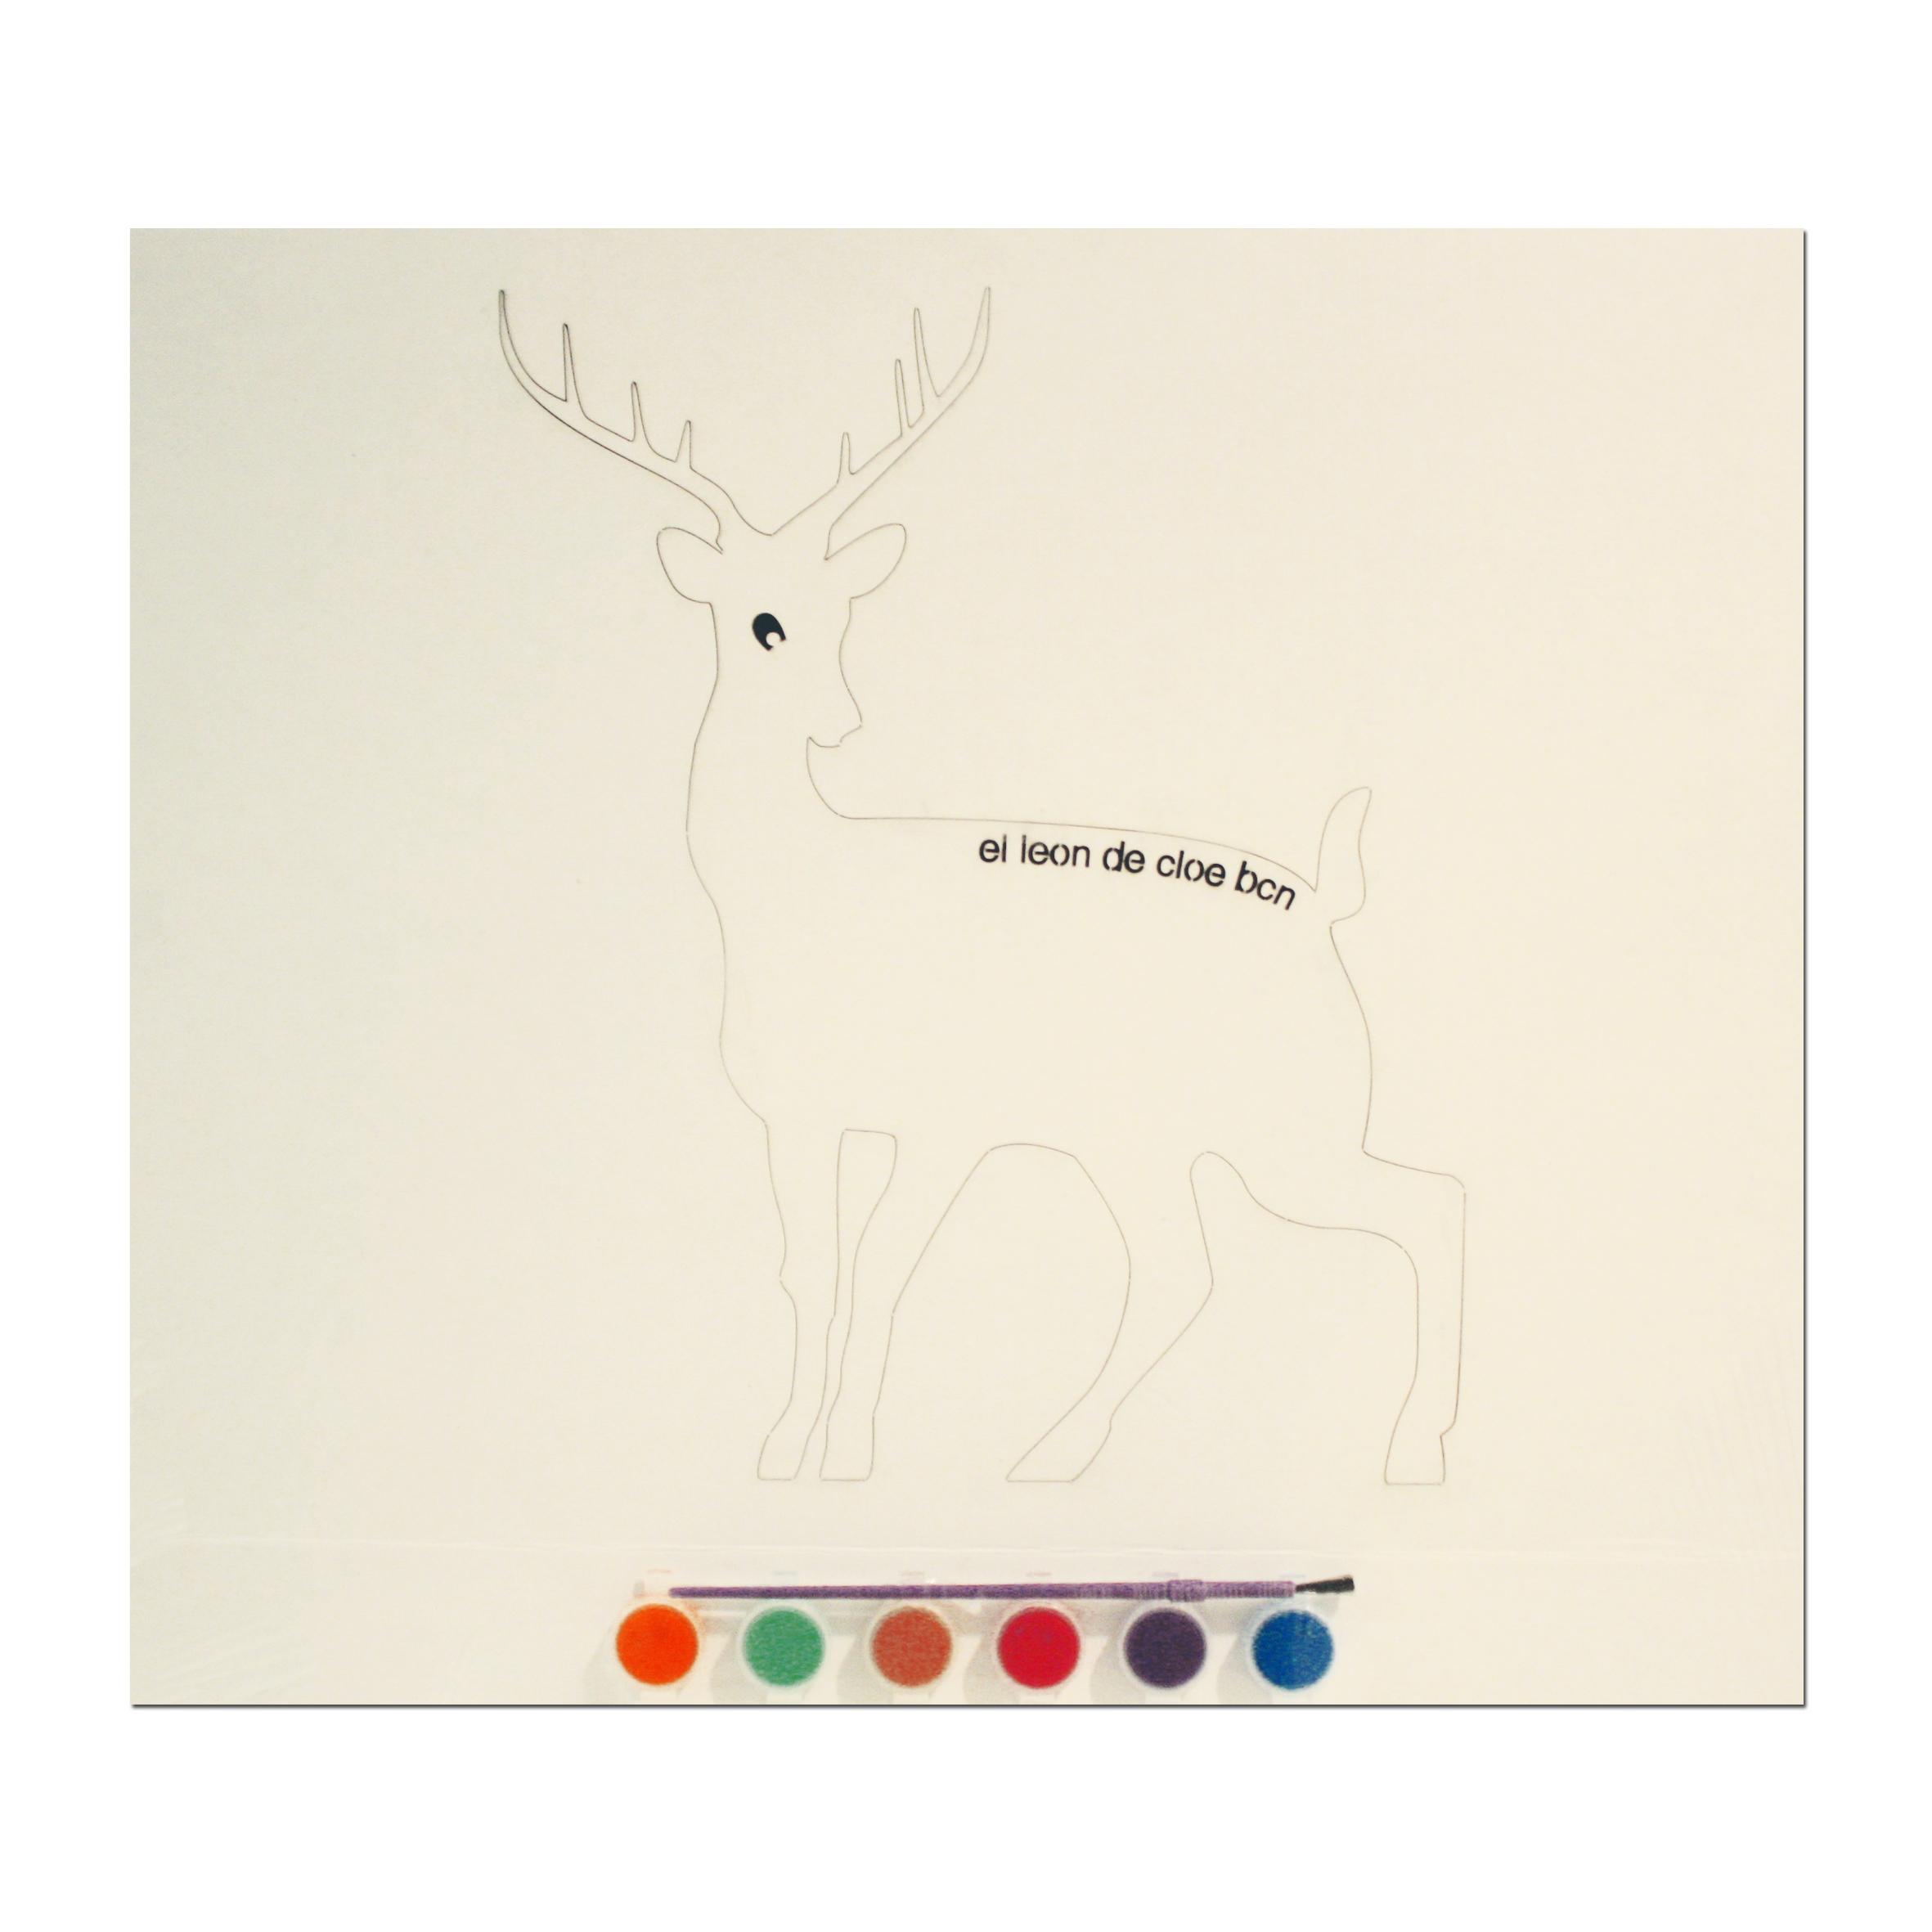 Kit de pintar Ciervo del León de Cloe. El regalo perfecto para cualquier niño.